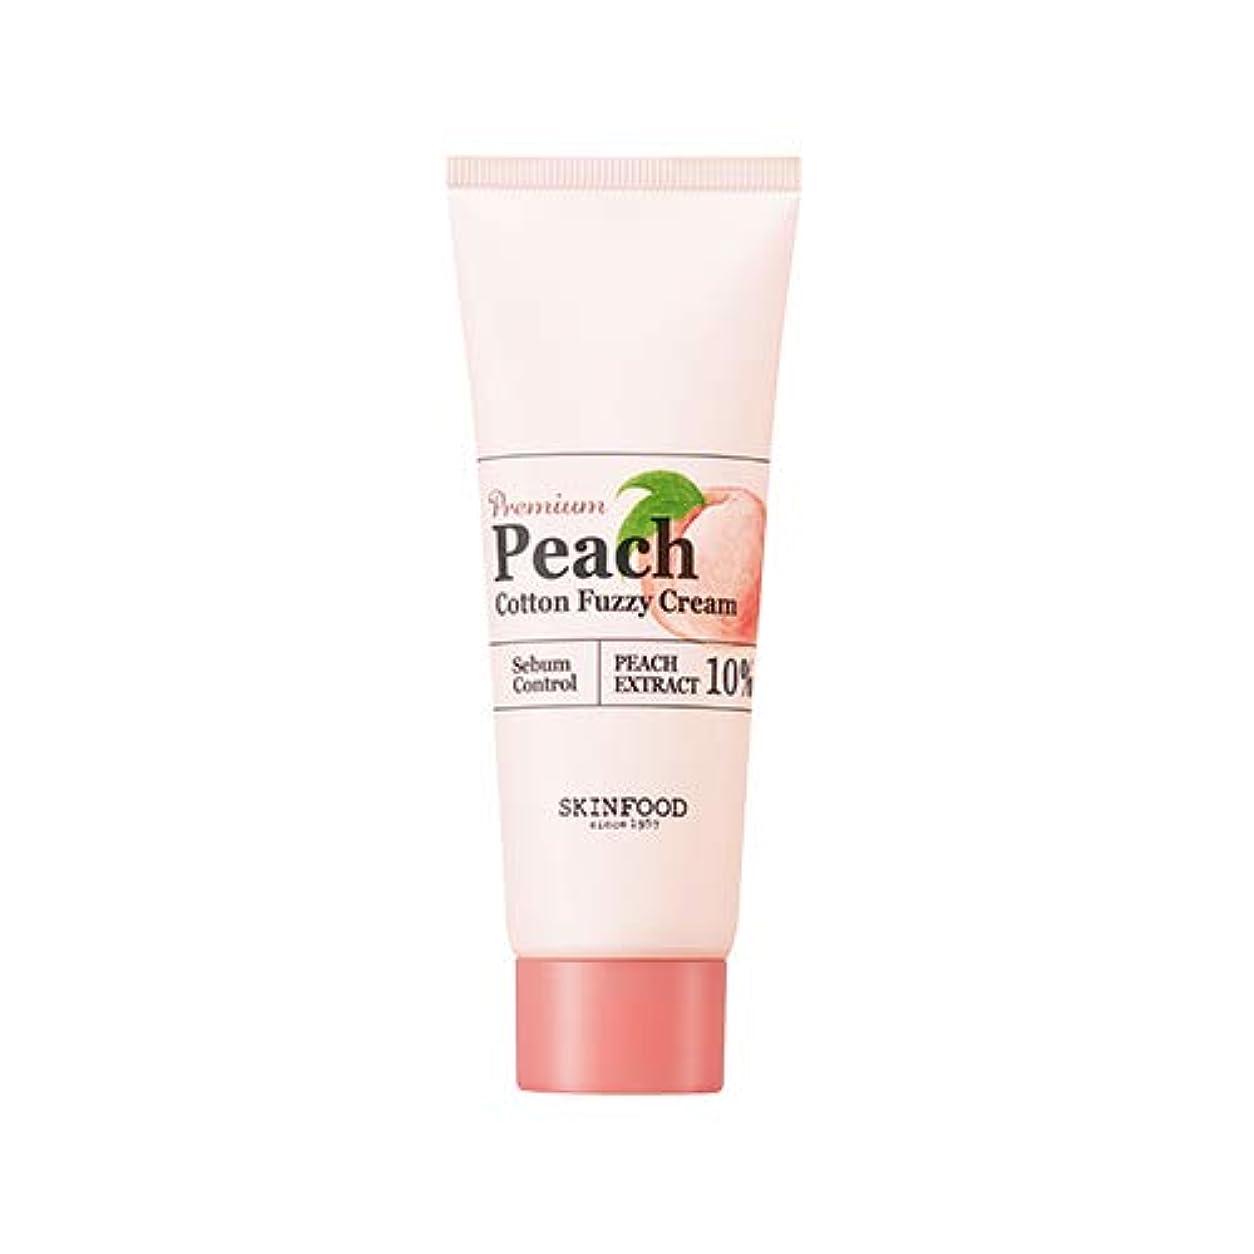 広々とした男勘違いするSkinfood プレミアムピーチコットンファジークリーム/Premium Peach Cotton Fuzzy Cream 65ml [並行輸入品]